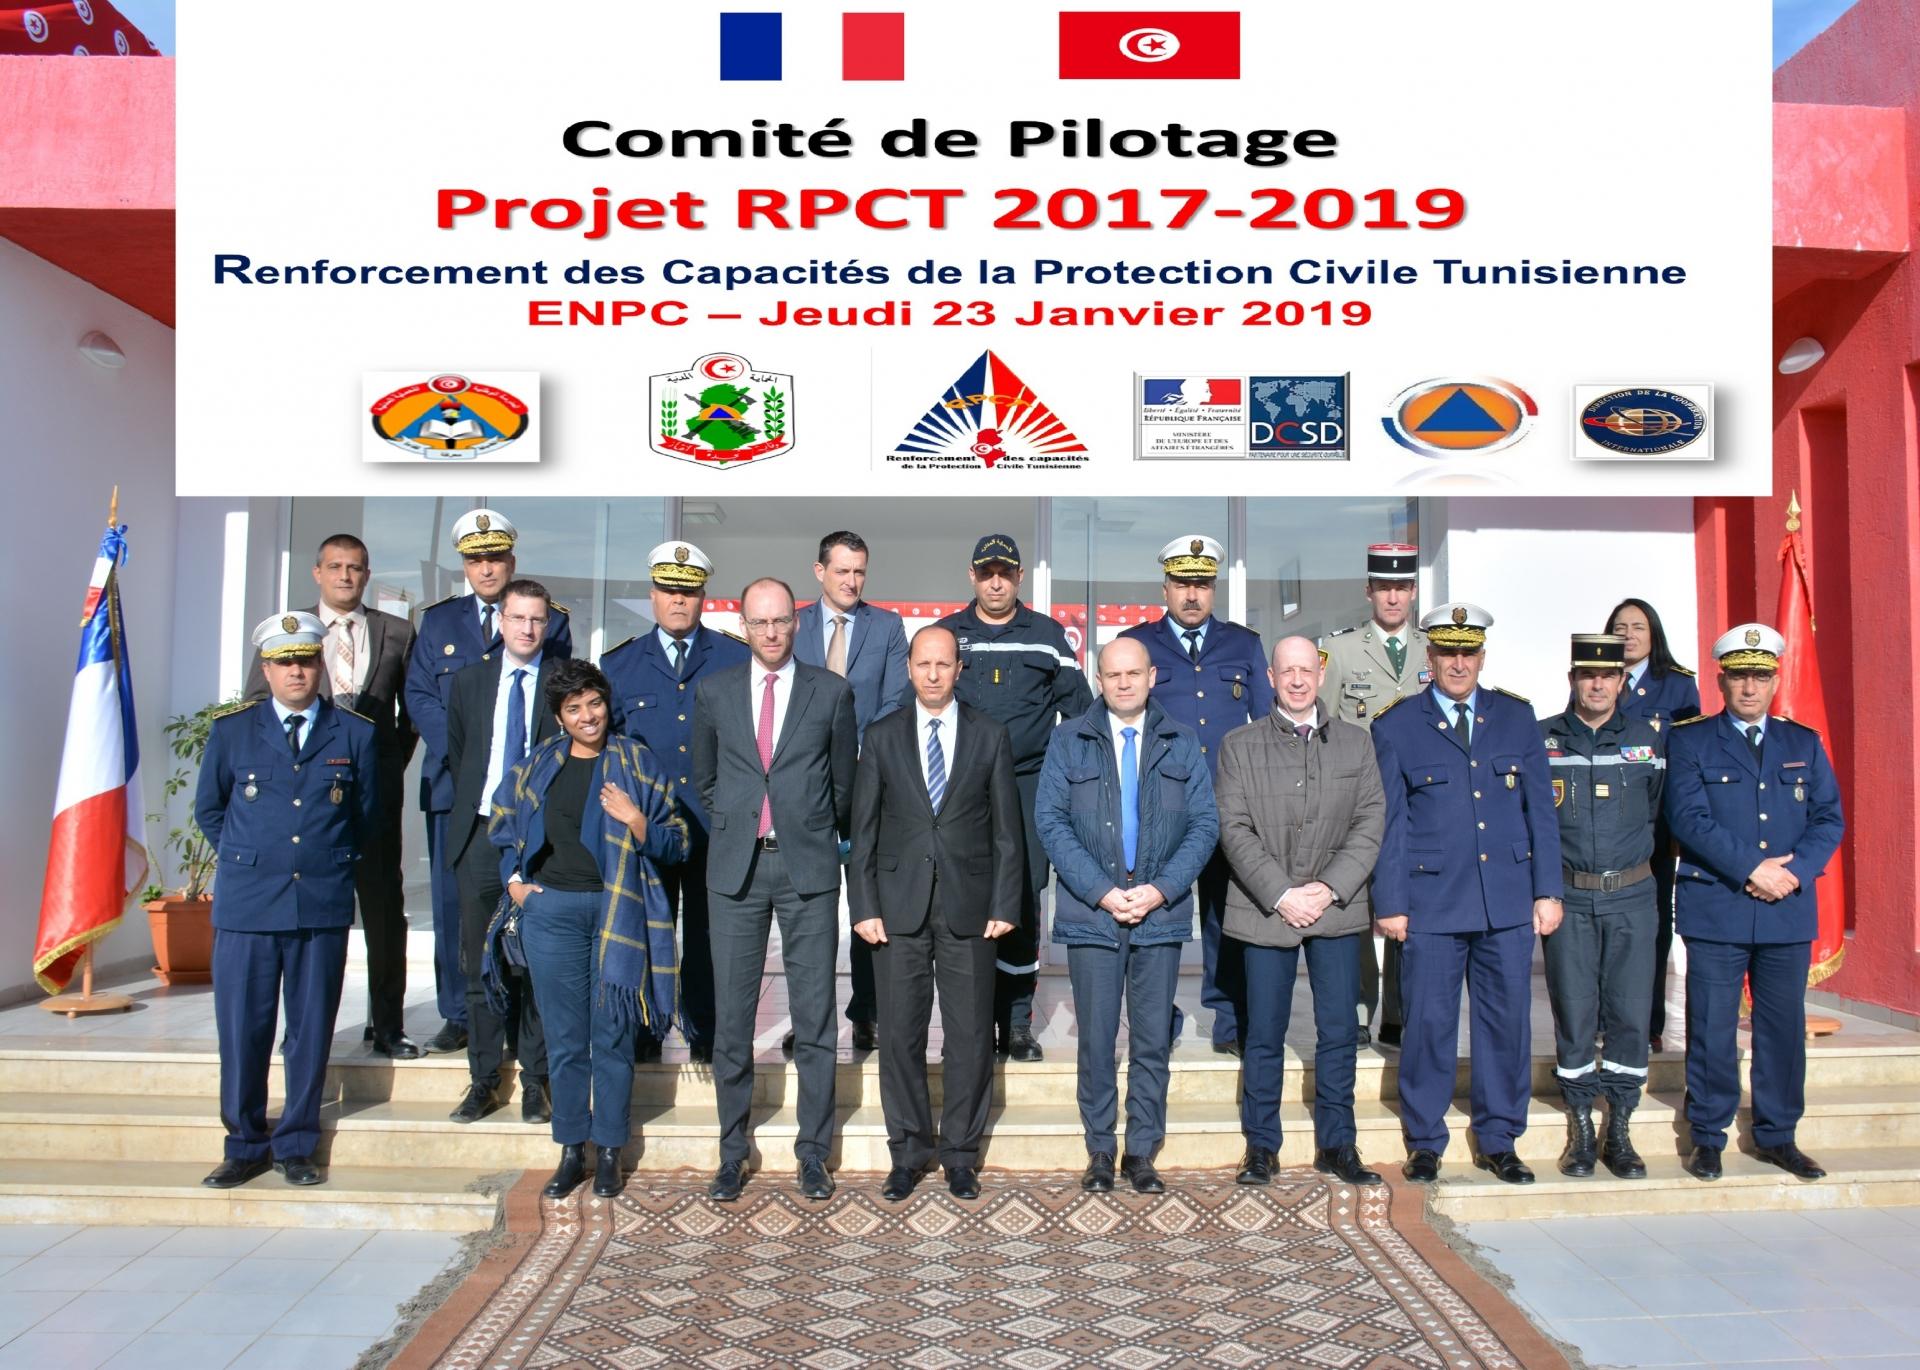 الإجتماع الثالث للجنة القيادة التونسية الفرنسية